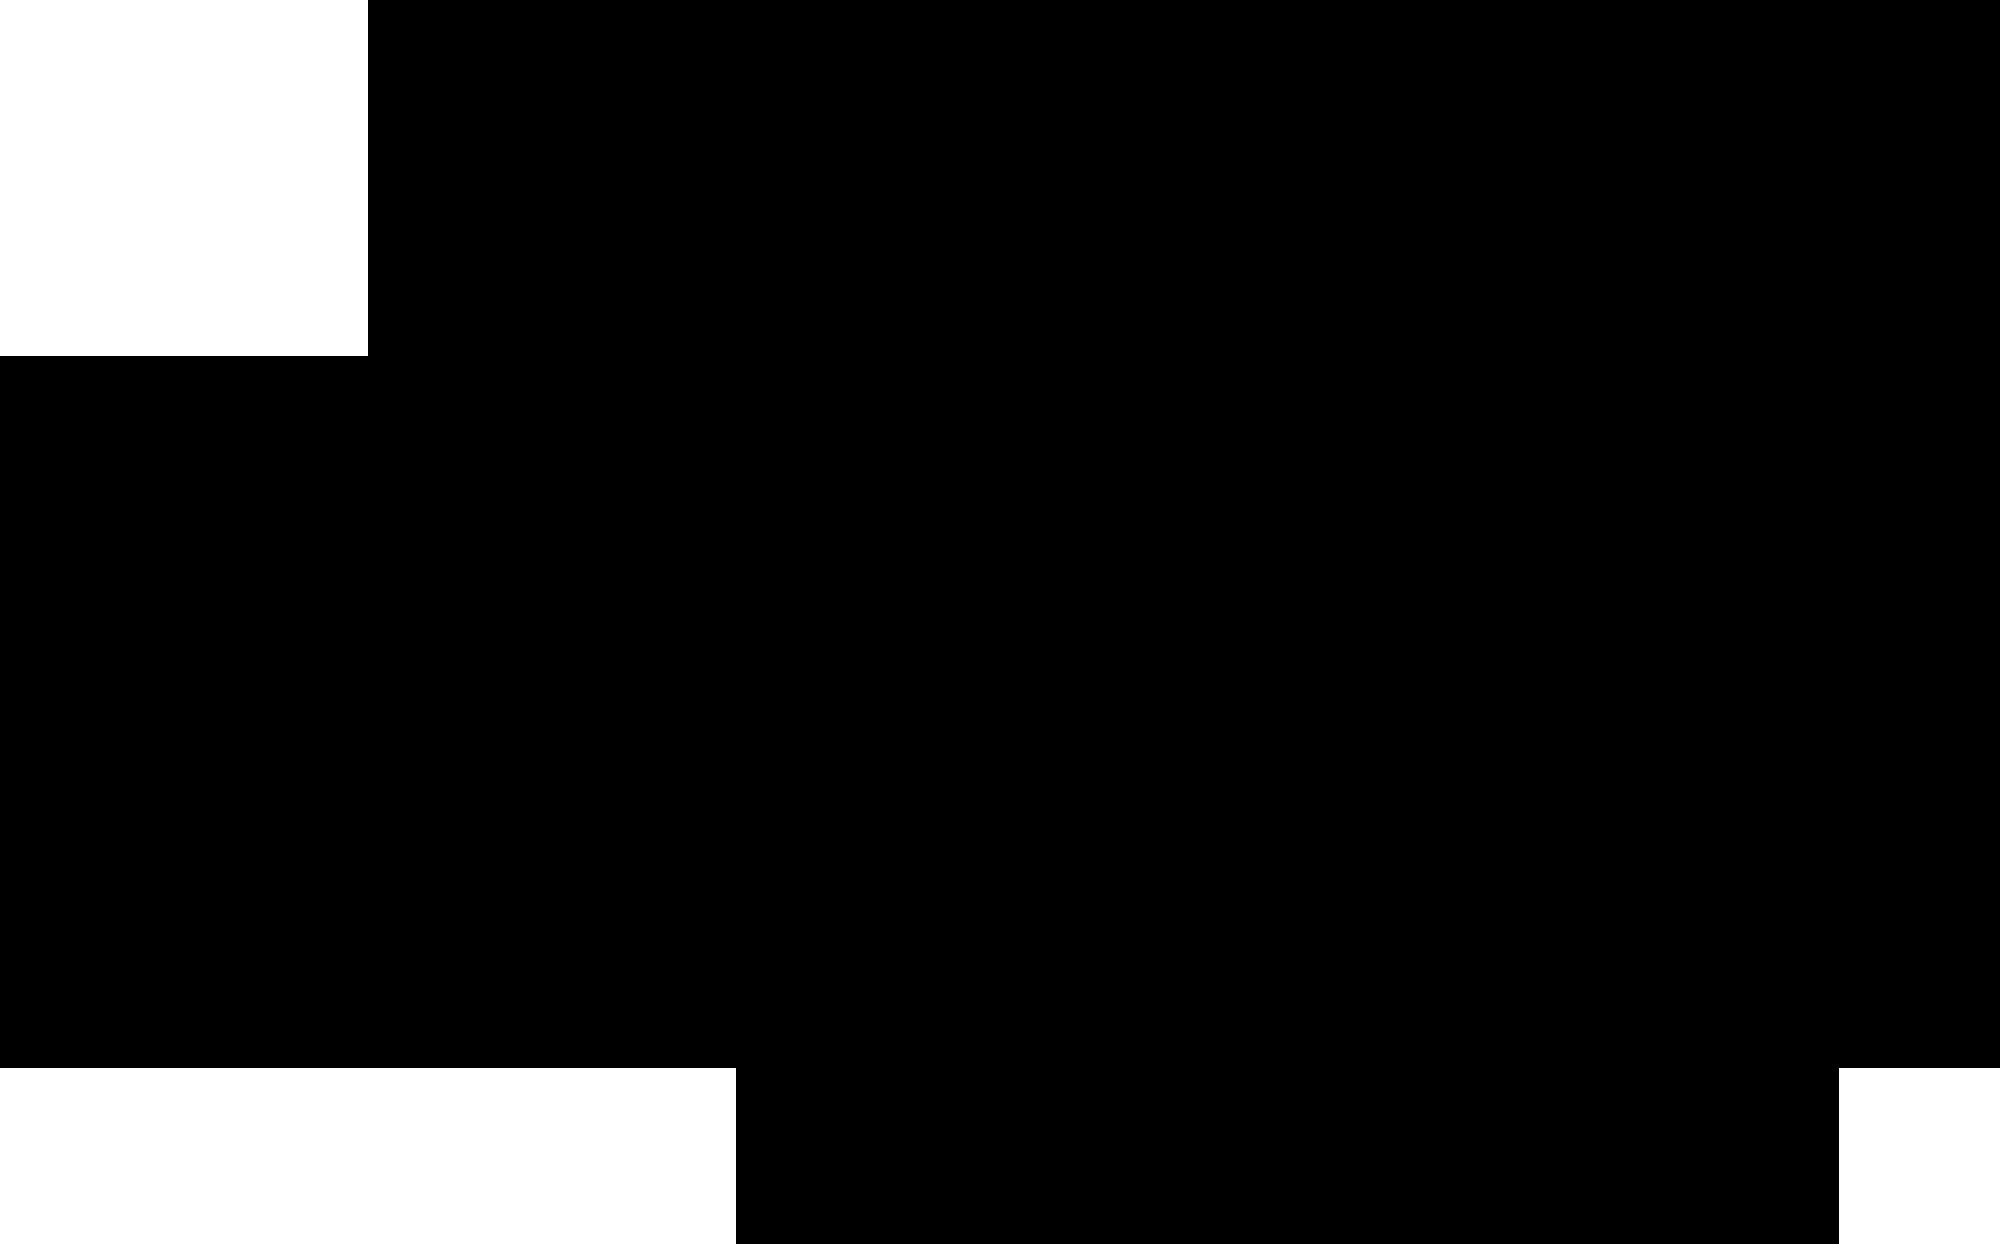 17_9.jpg